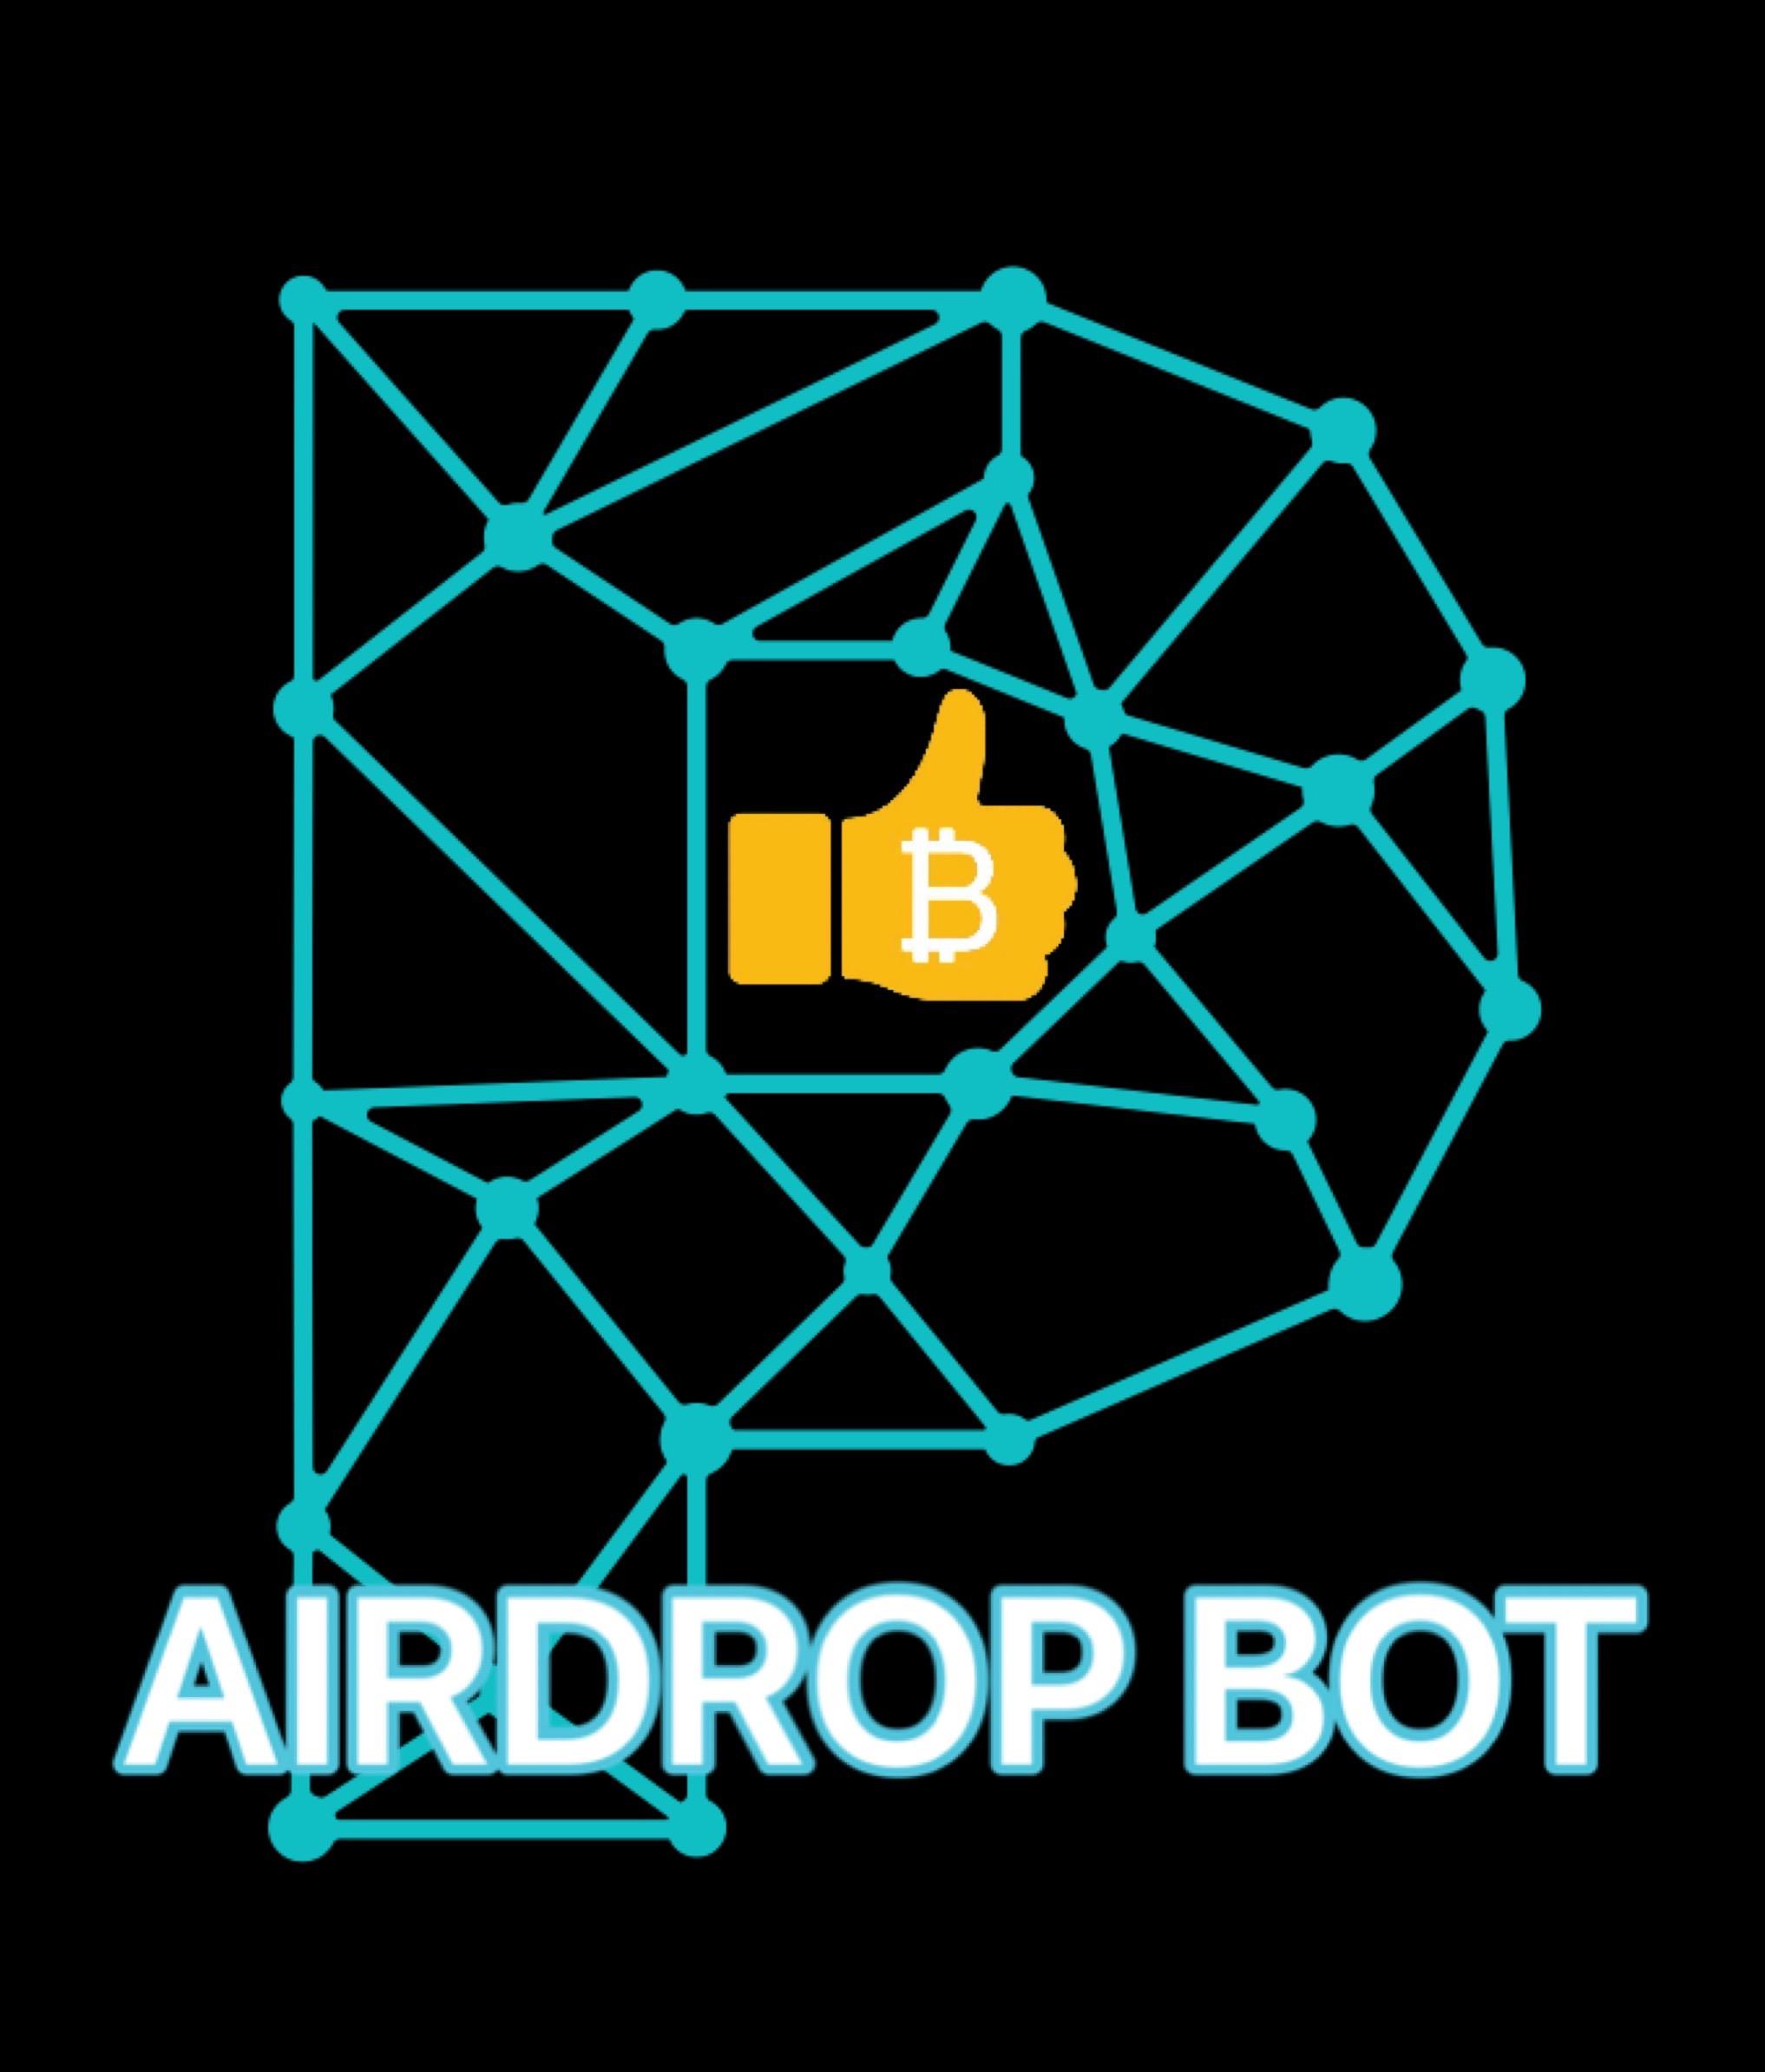 AirDrop Bot pro blockchain